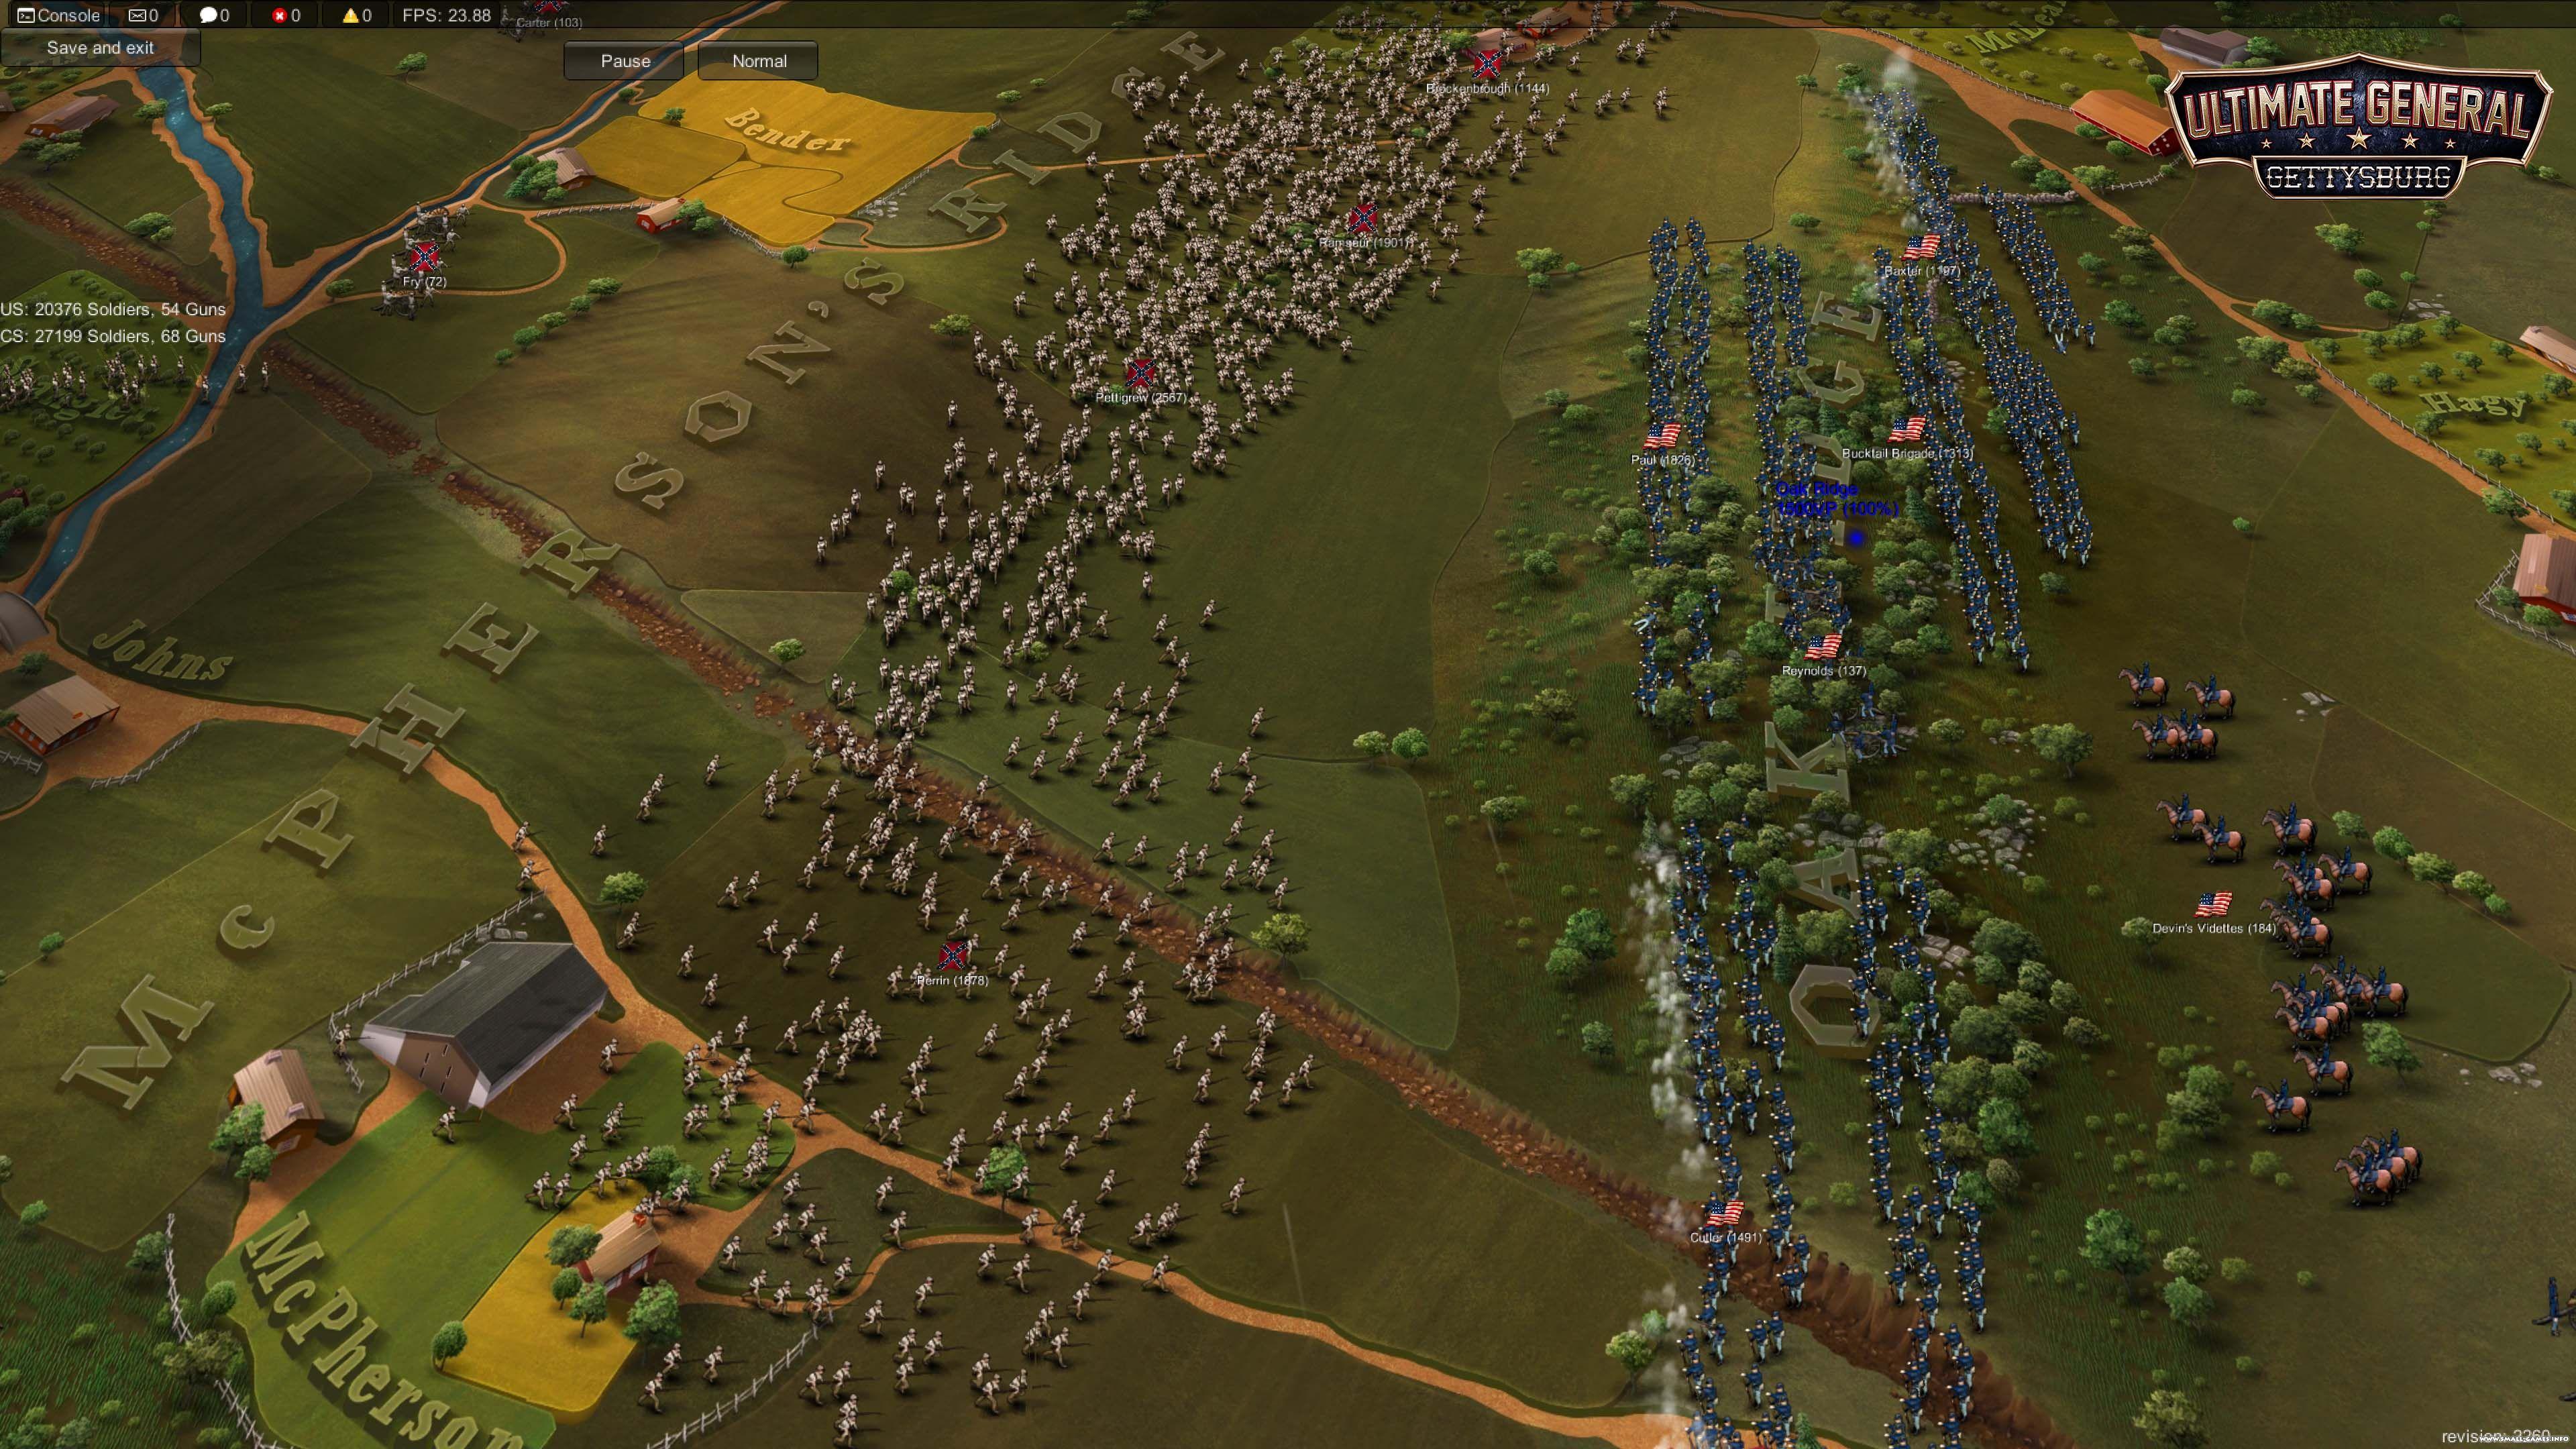 Скачать игру ultimate general: gettysburg для pc через торрент.